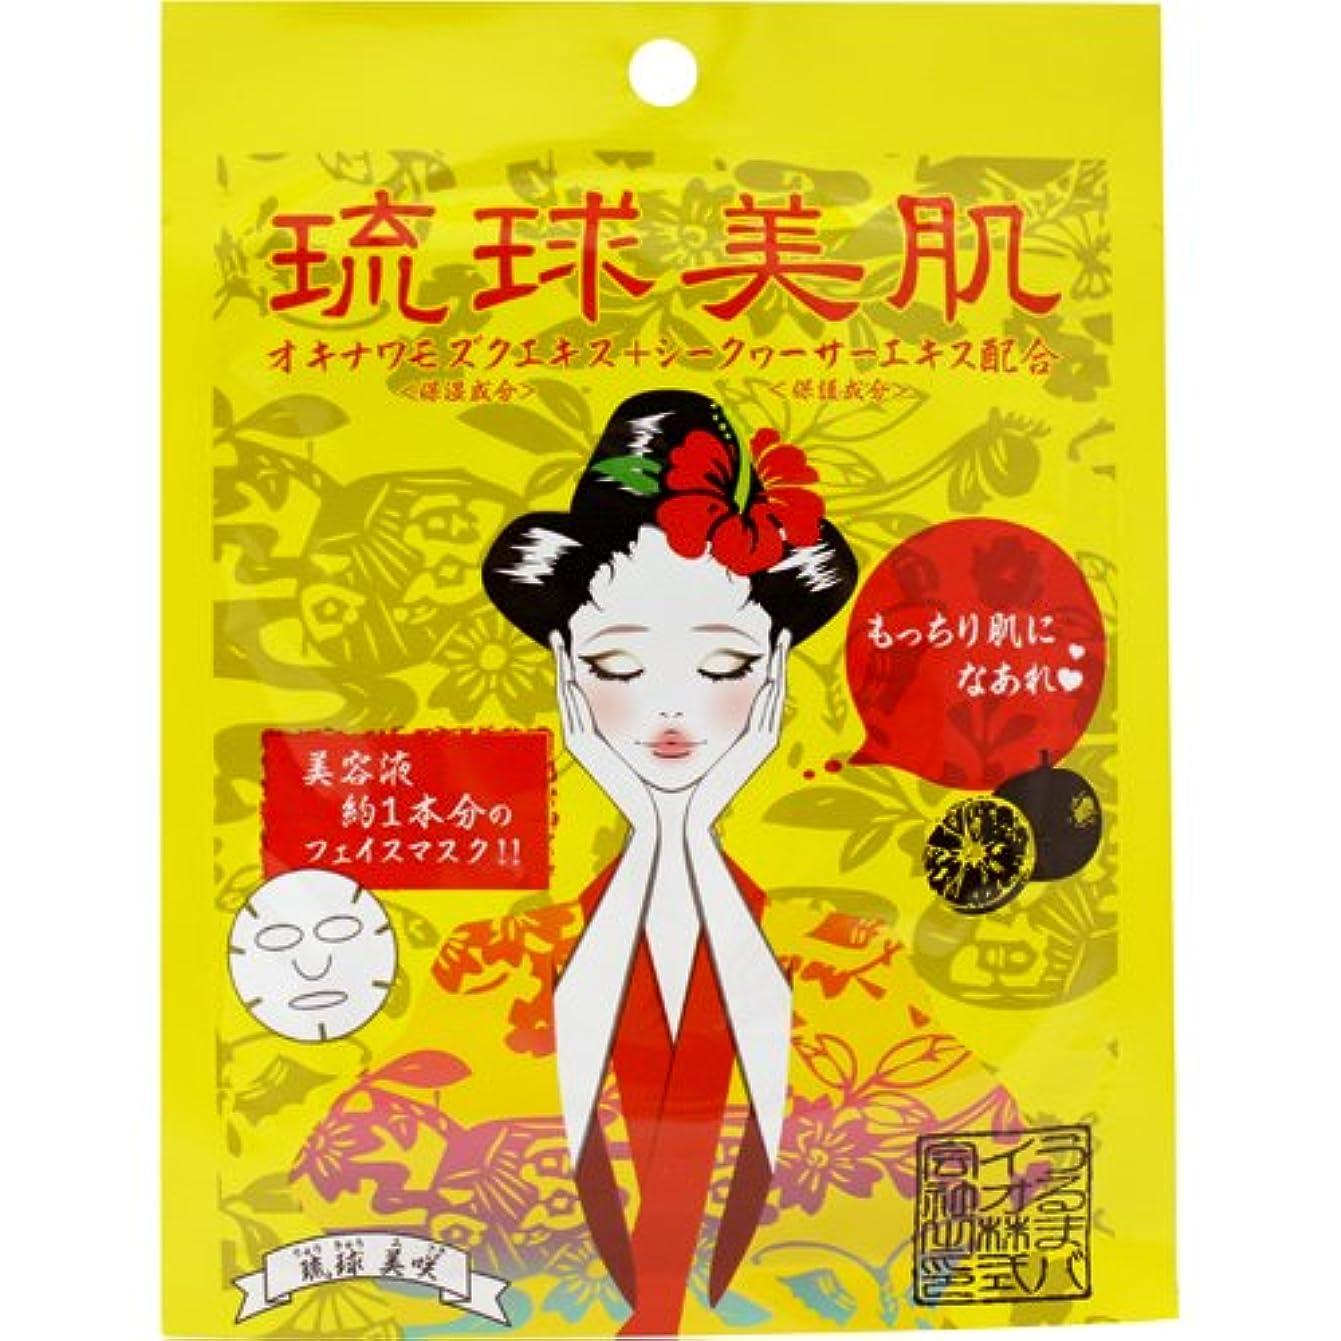 ビーズ追放するメモ琉球美肌 フェイスマスクシート シークヮーサーの香り 10枚セット